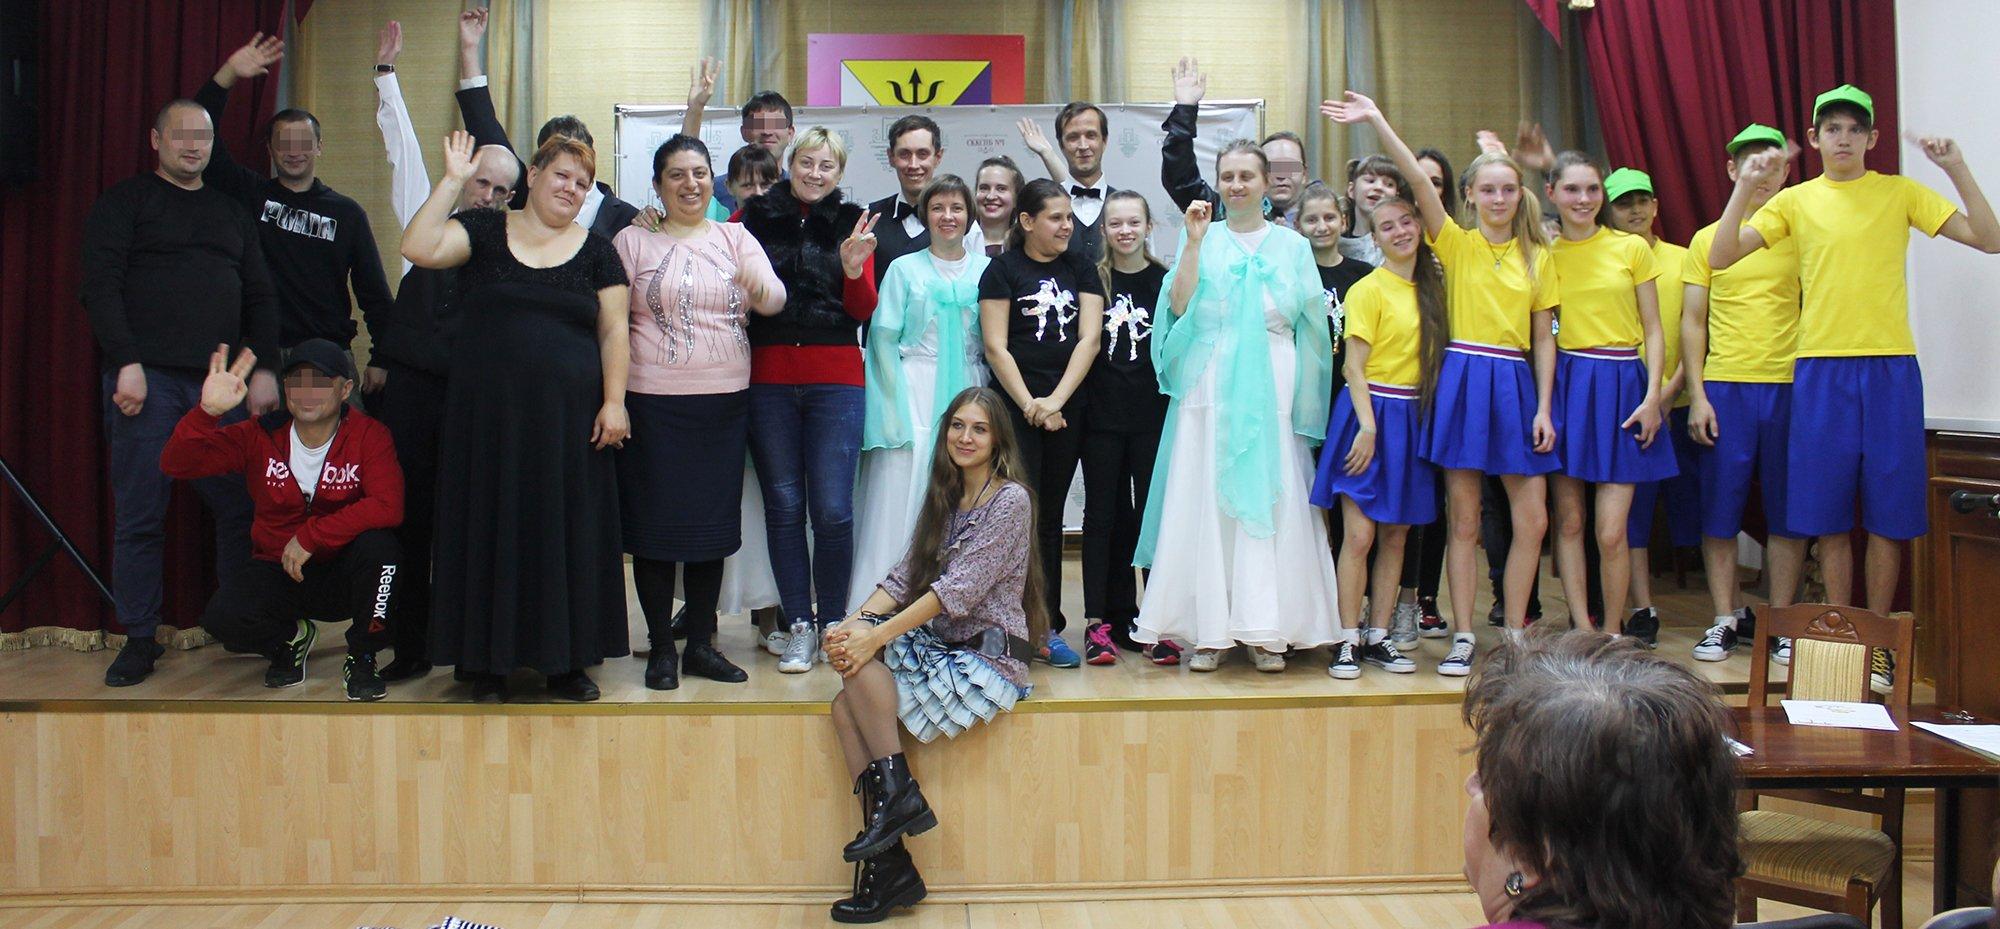 Фестиваль «Душевный арт» завершился гала-концертом с участием творческих коллективов Ставрополя